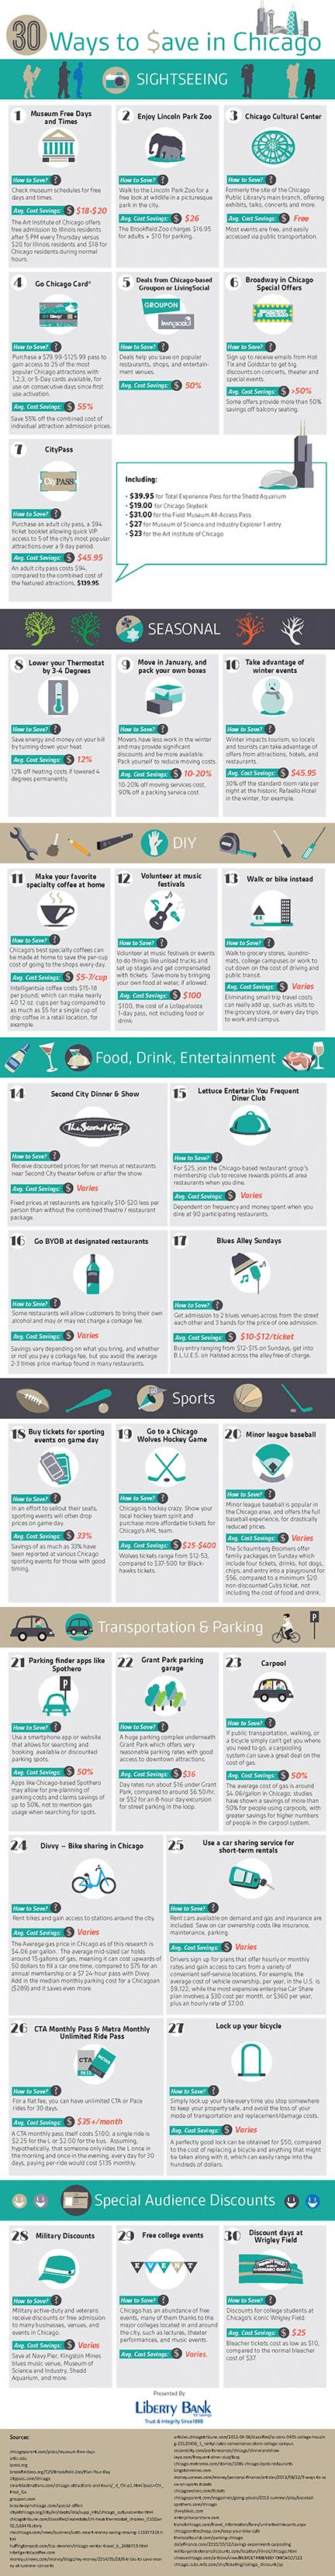 30 Ways to Save Money in Chicago